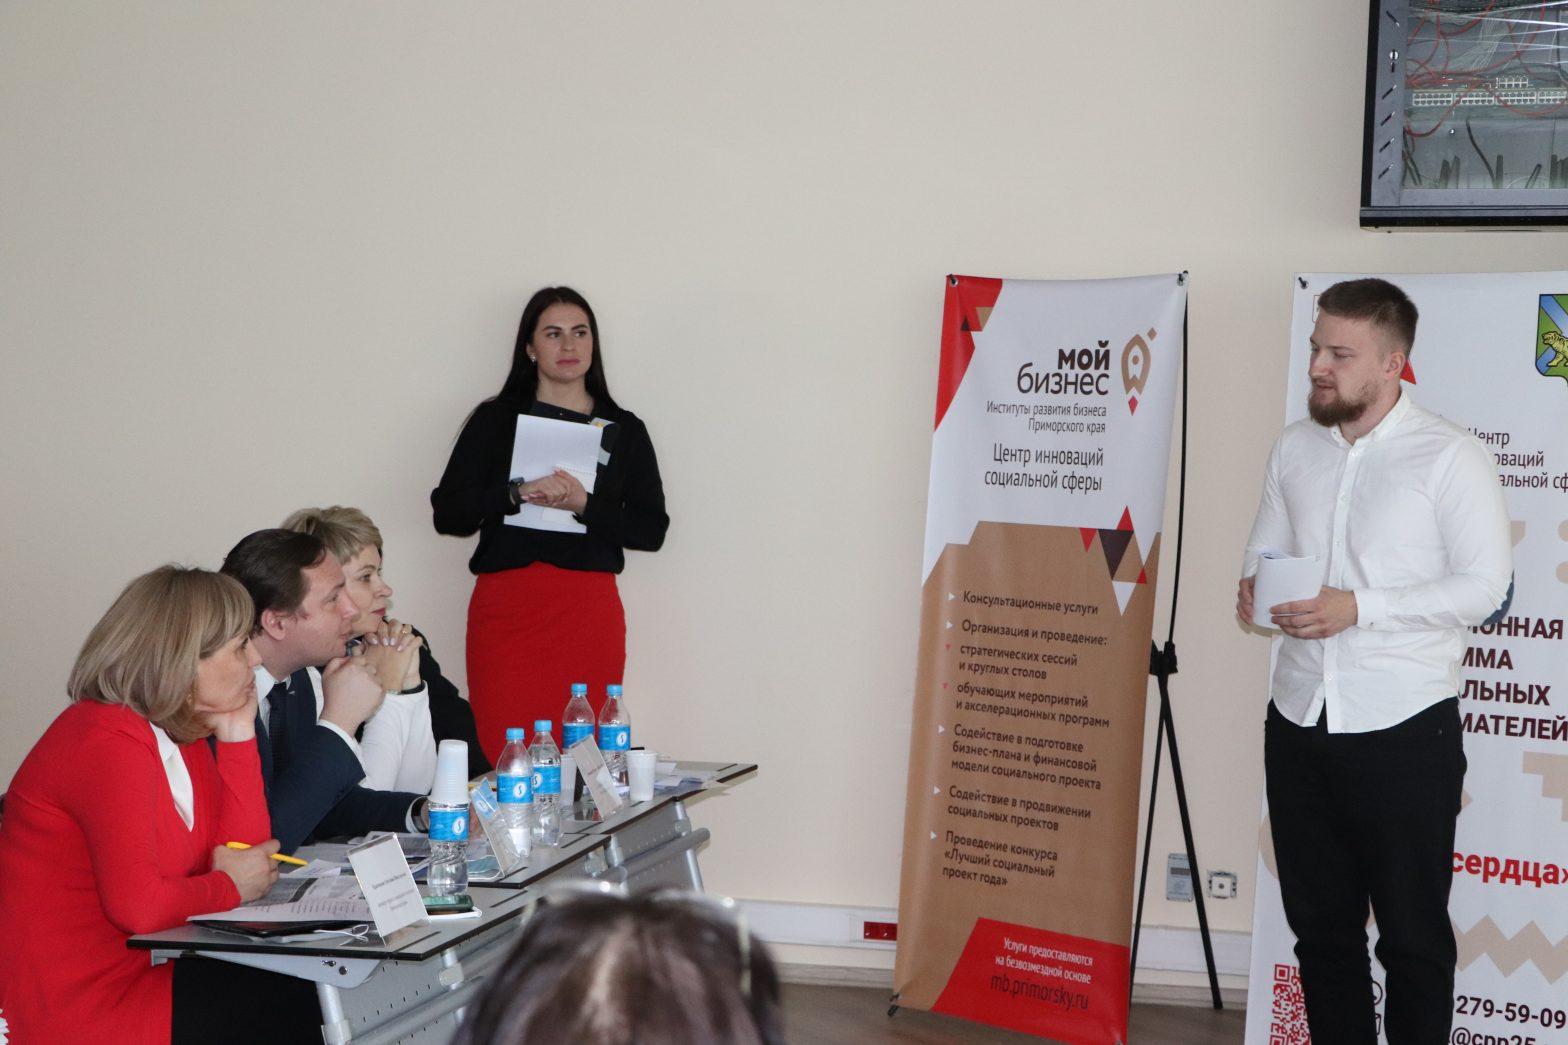 В Приморье завершился первый акселератор «Бизнес от сердца» для социальных предпринимателей